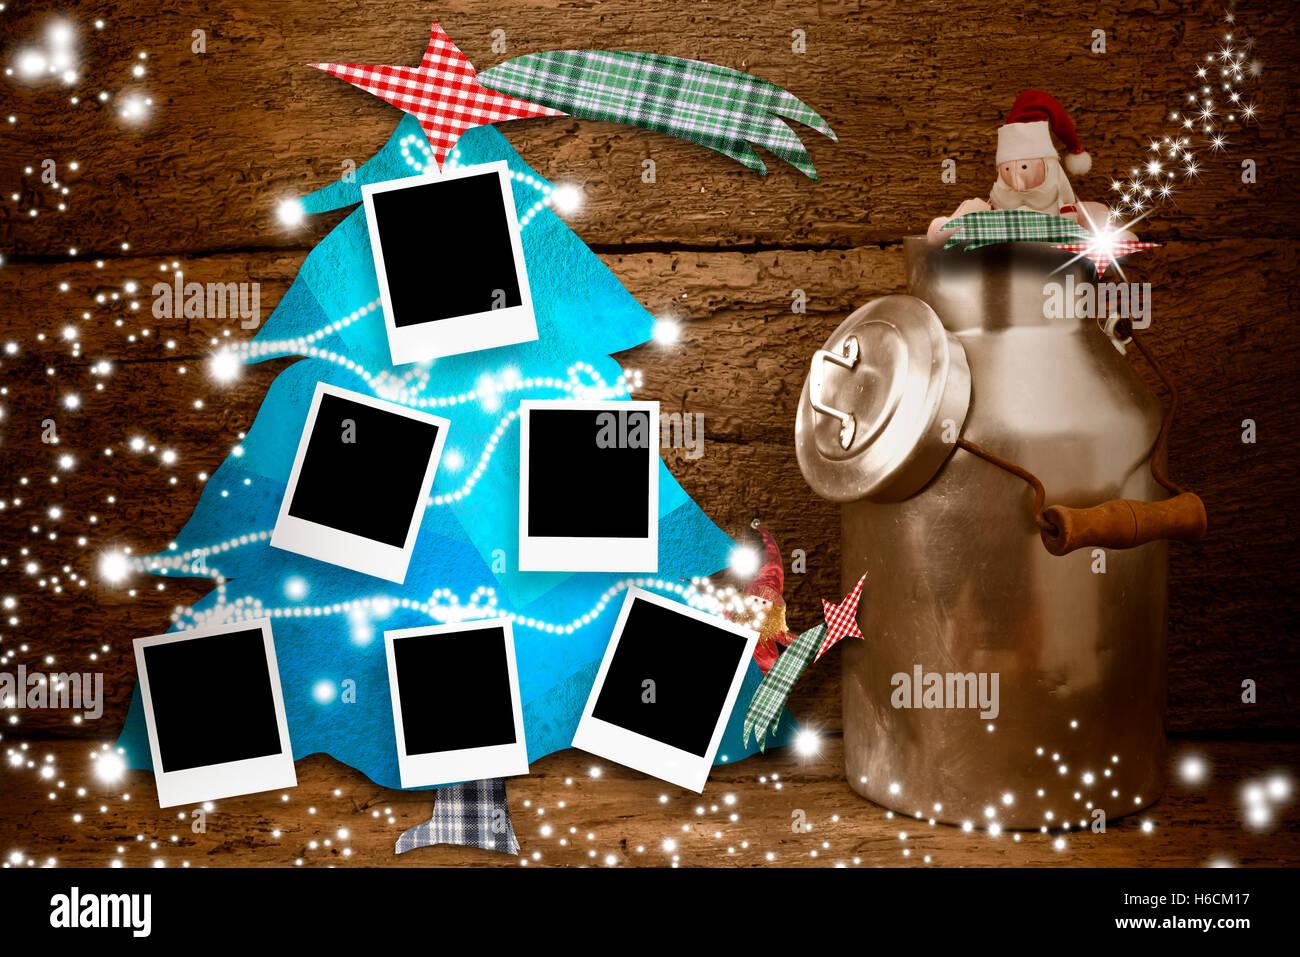 Sechs leere Bilderrahmen hängen an einem Weihnachtsbaum und lustige ...